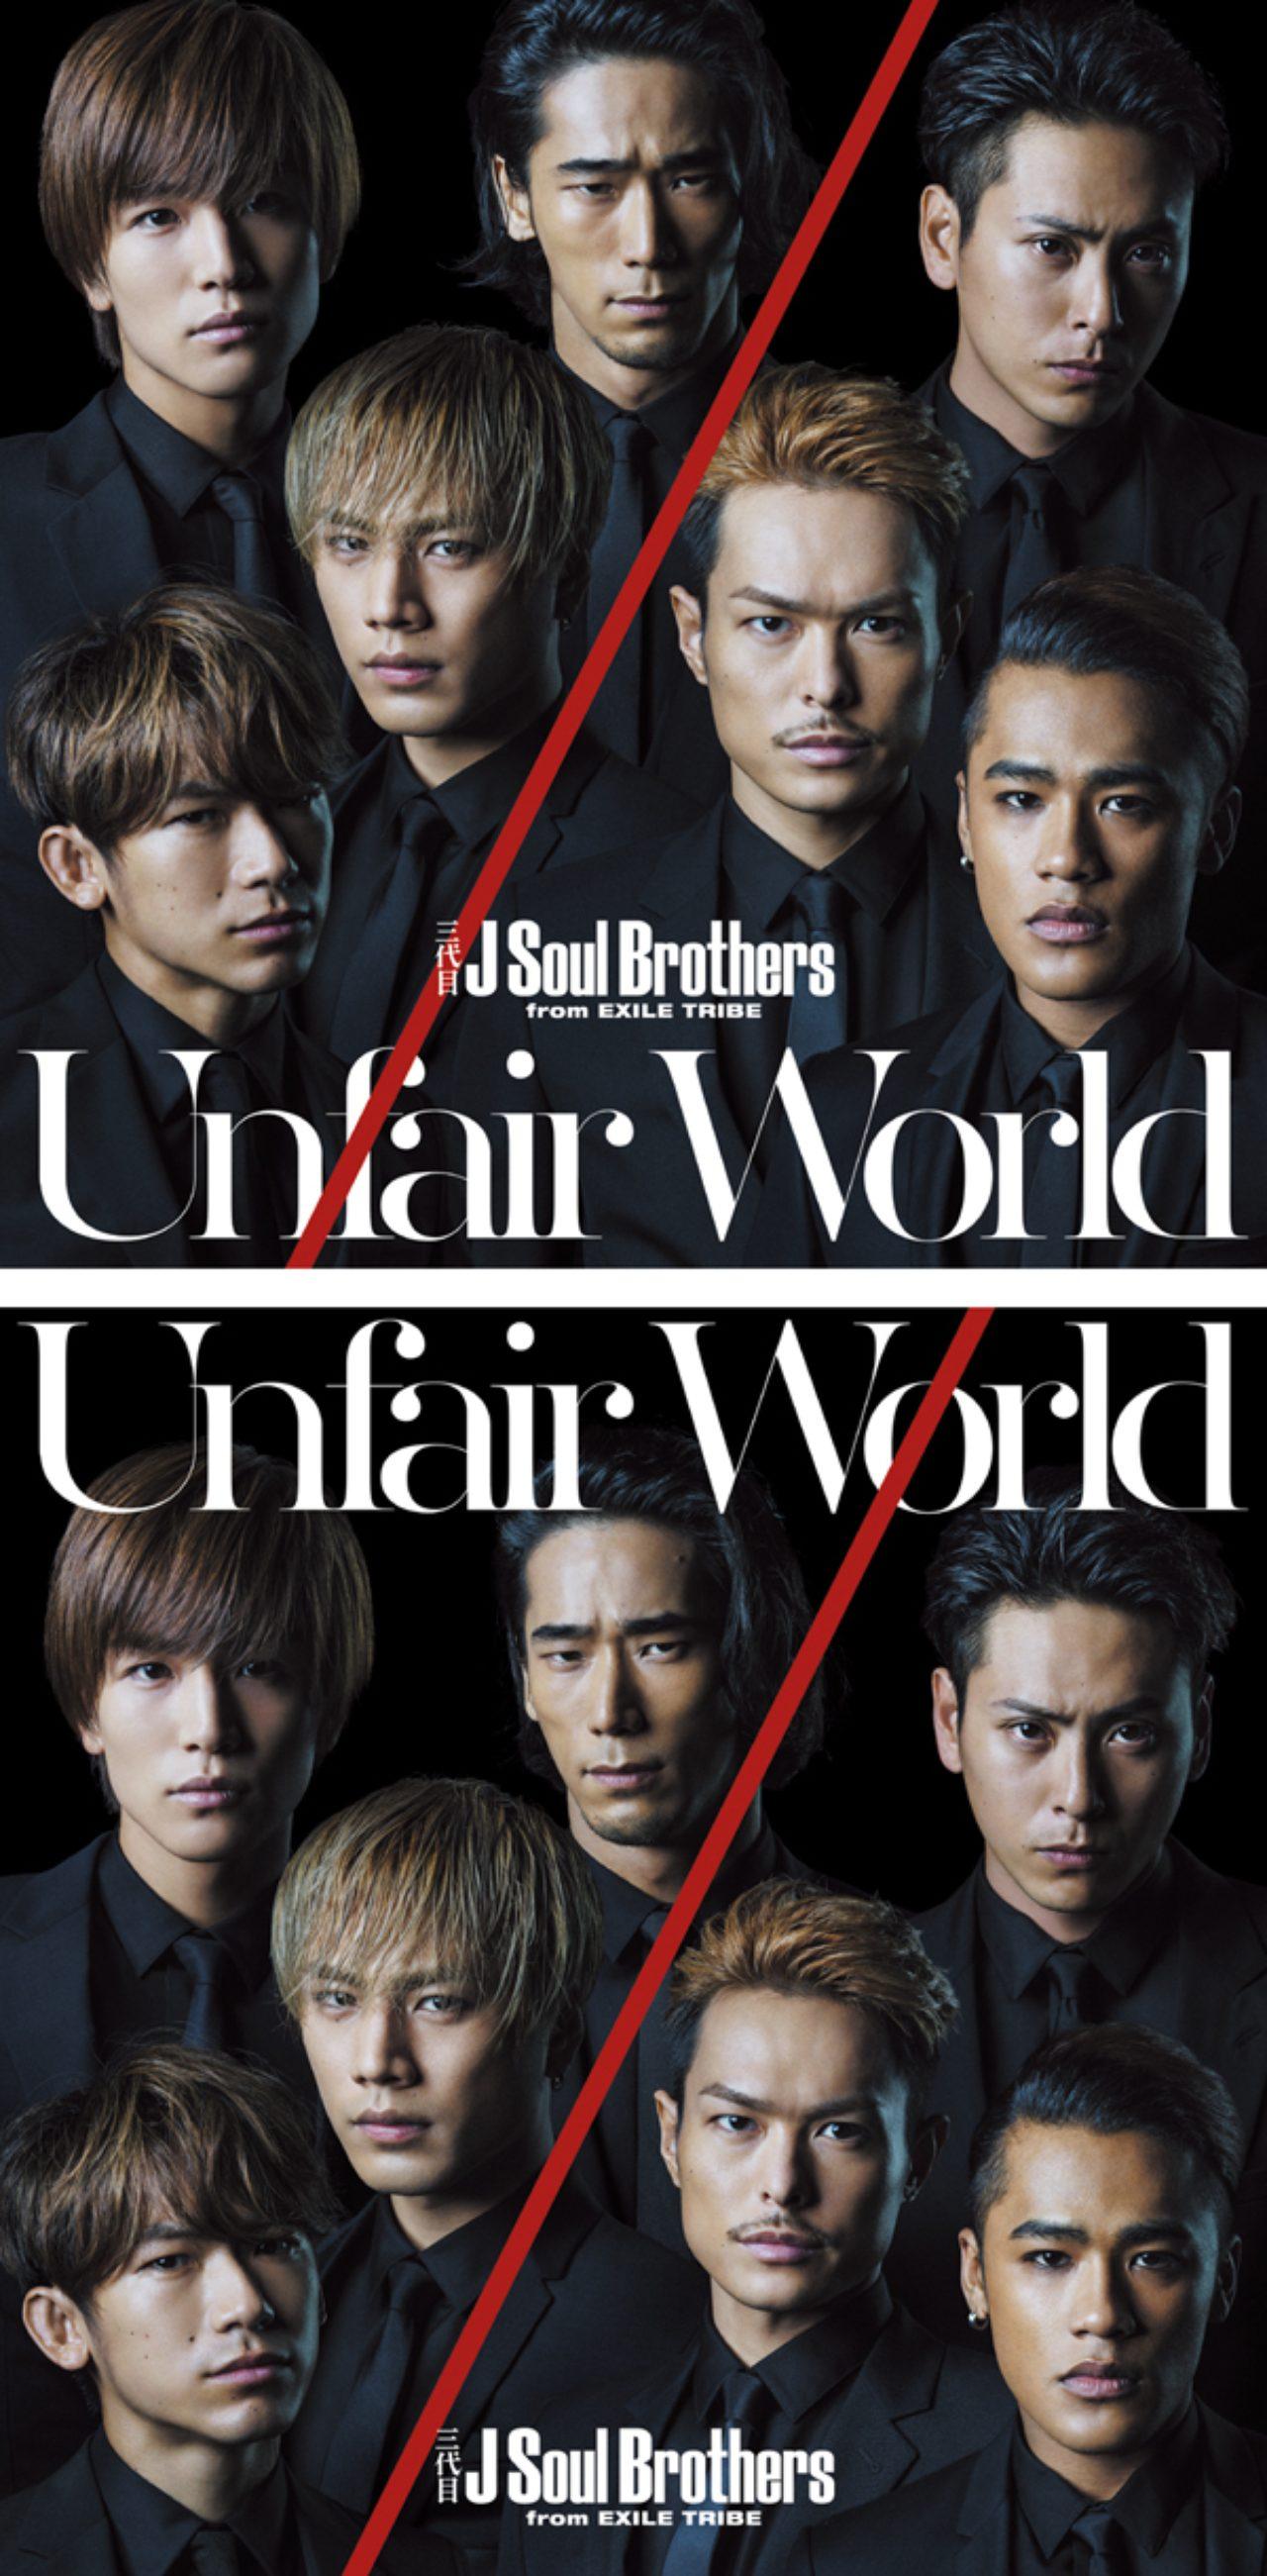 画像: 最新シングル『Unfair World』発売中!